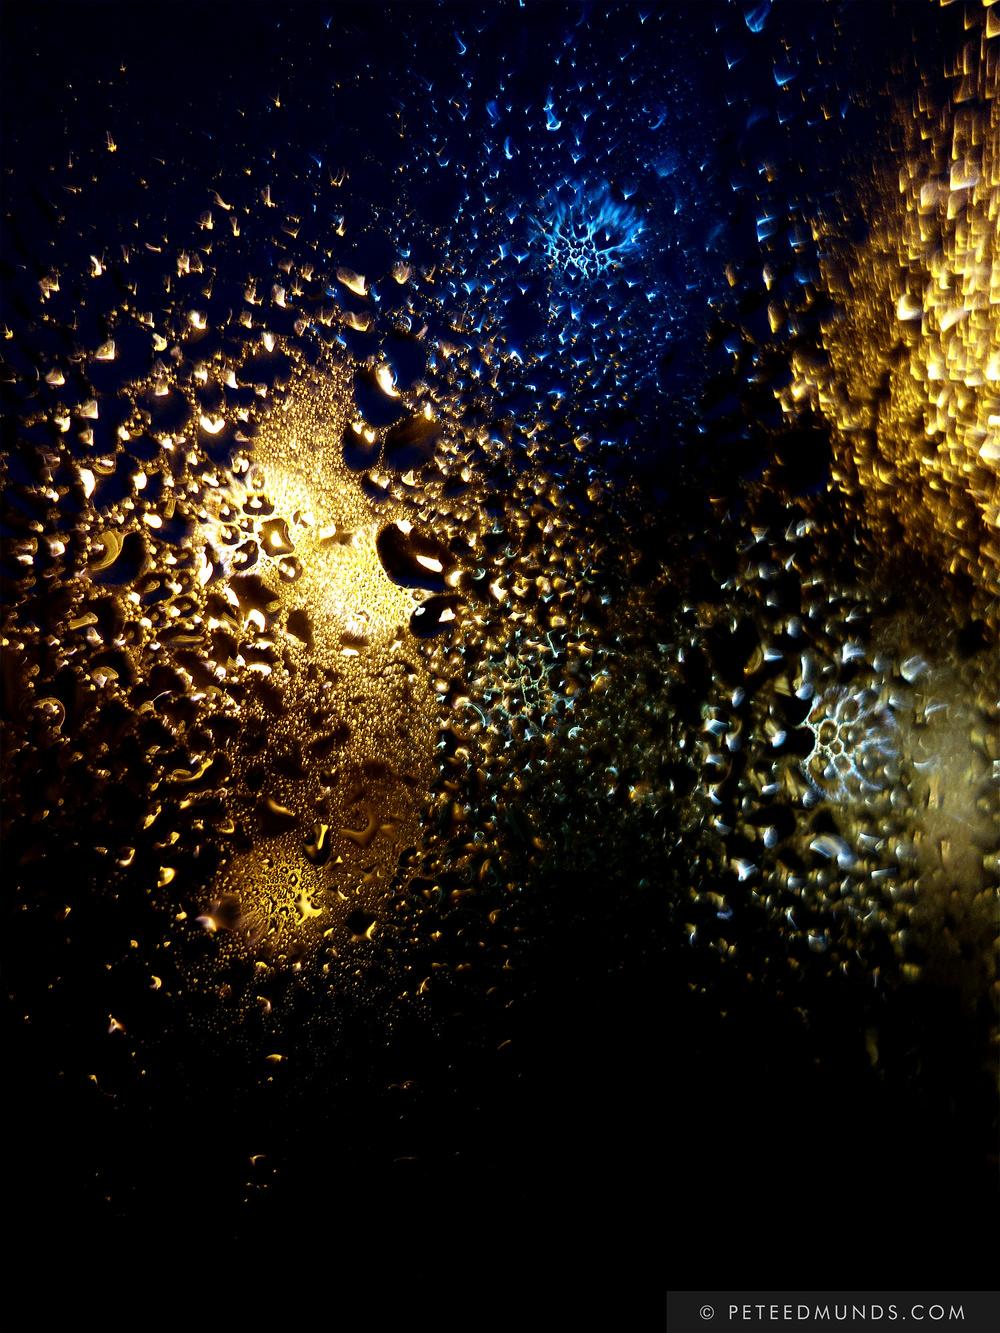 Condensation 62 - Cosmos